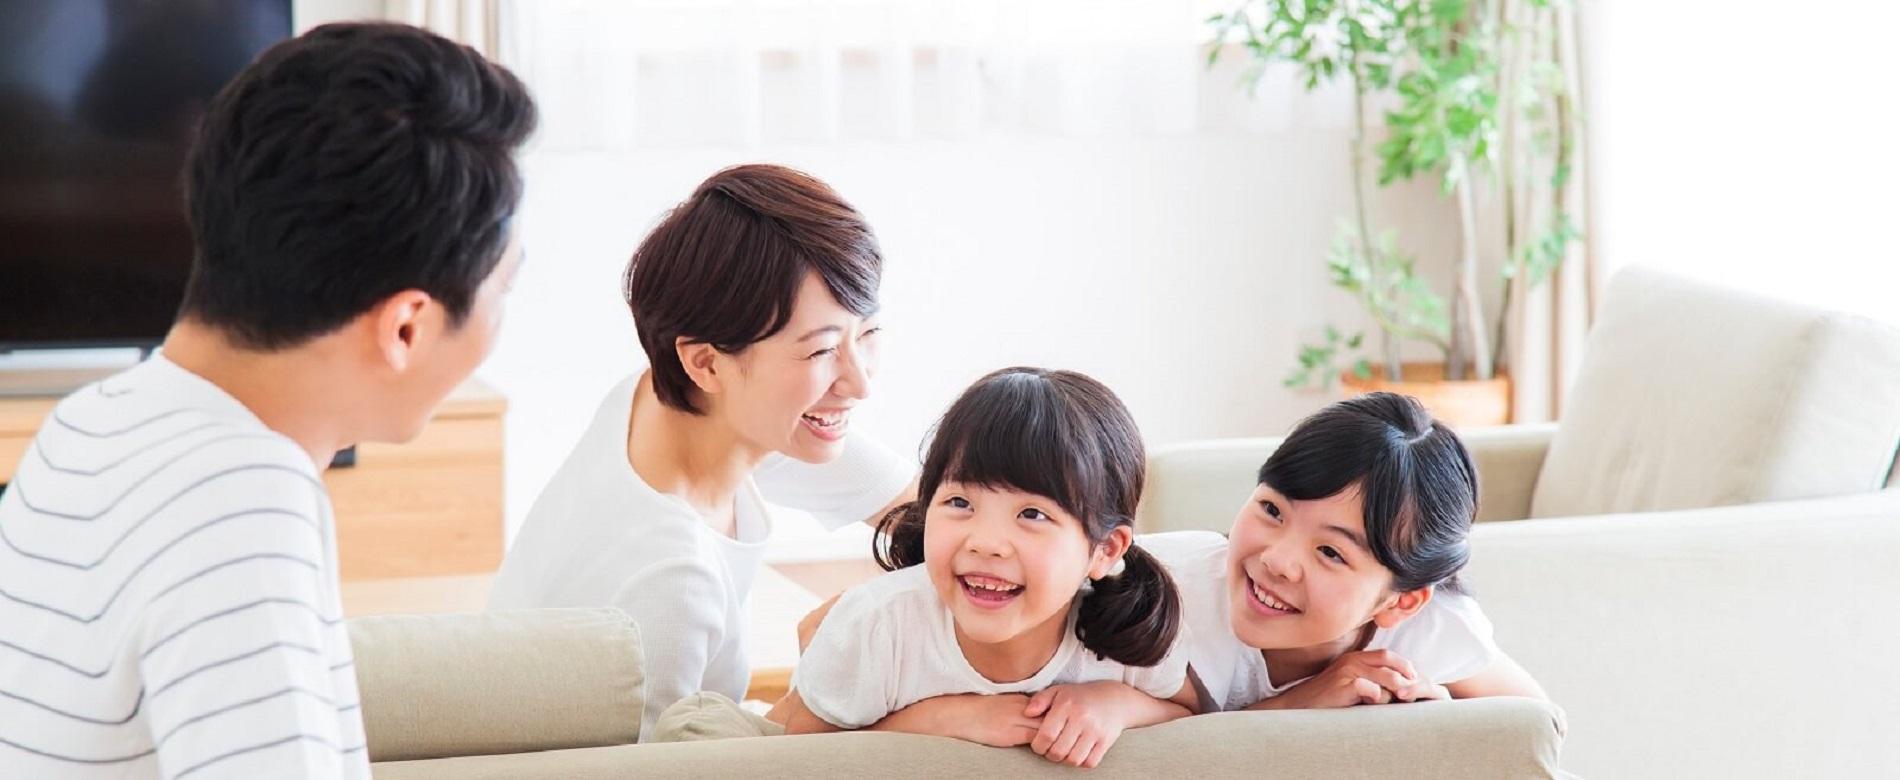 家族の笑顔のために不動産エージェントを活用しませんか